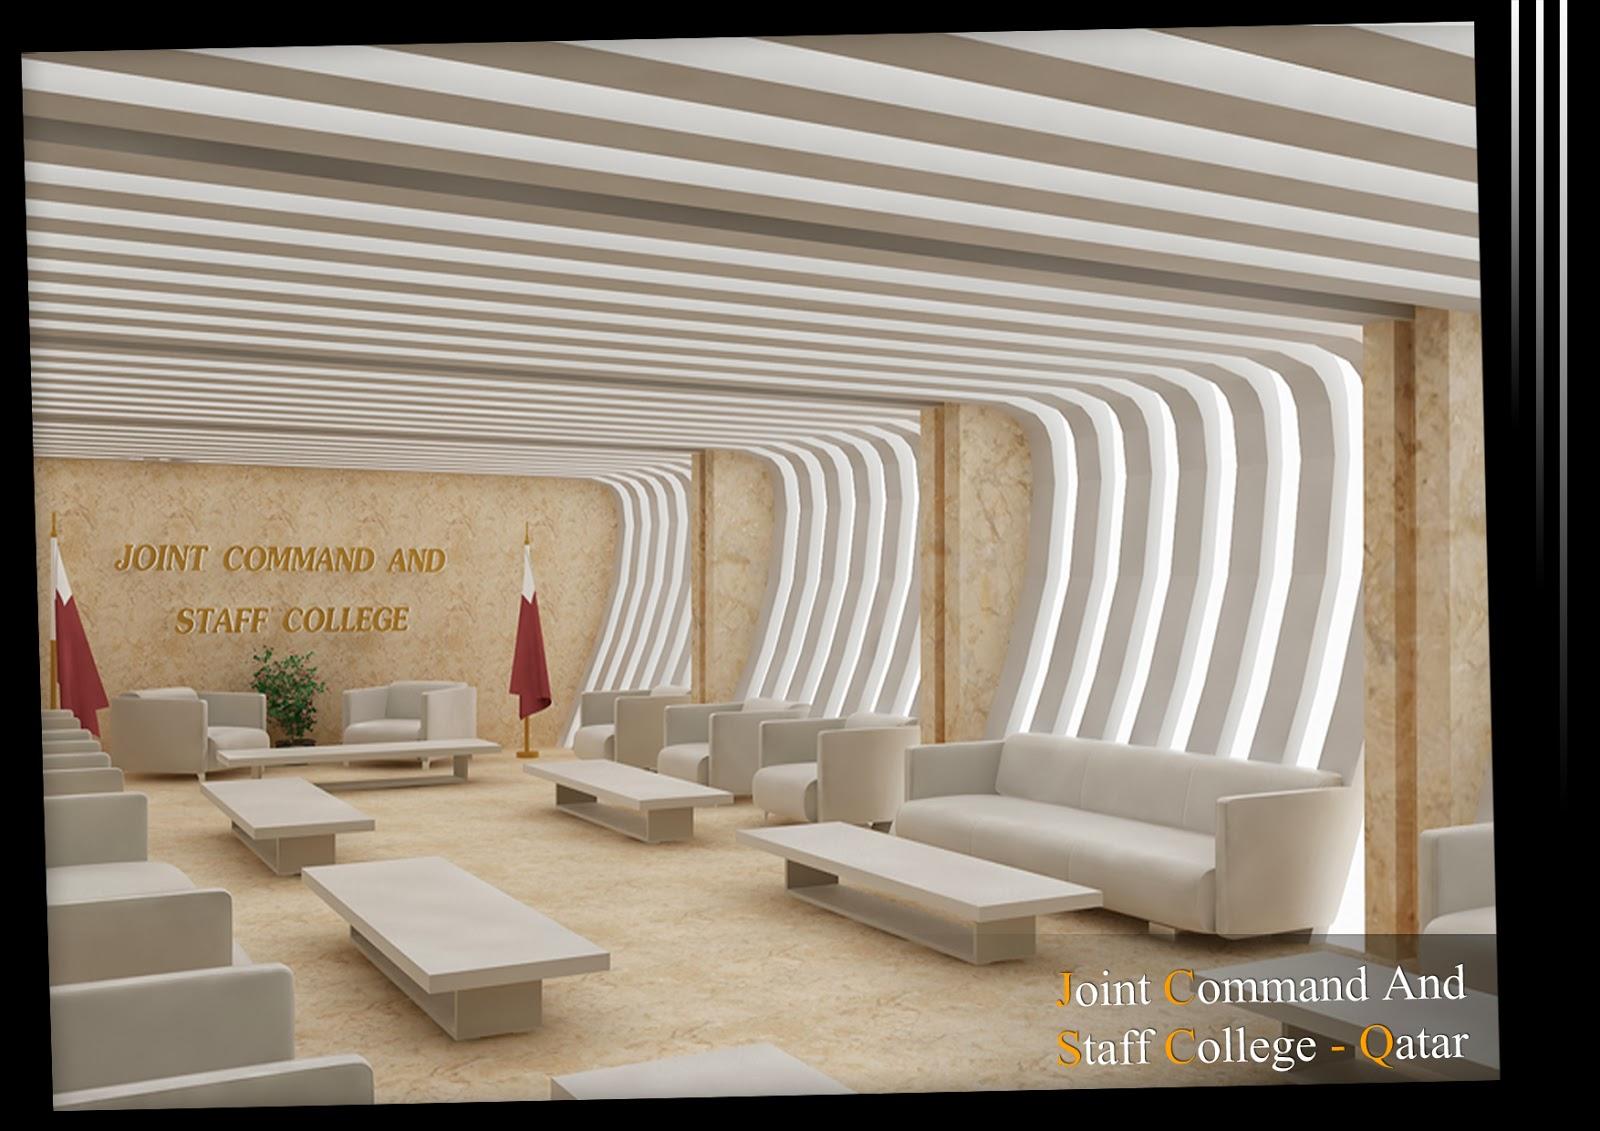 Arch Michael Boules Interior Design For Private School Qatar